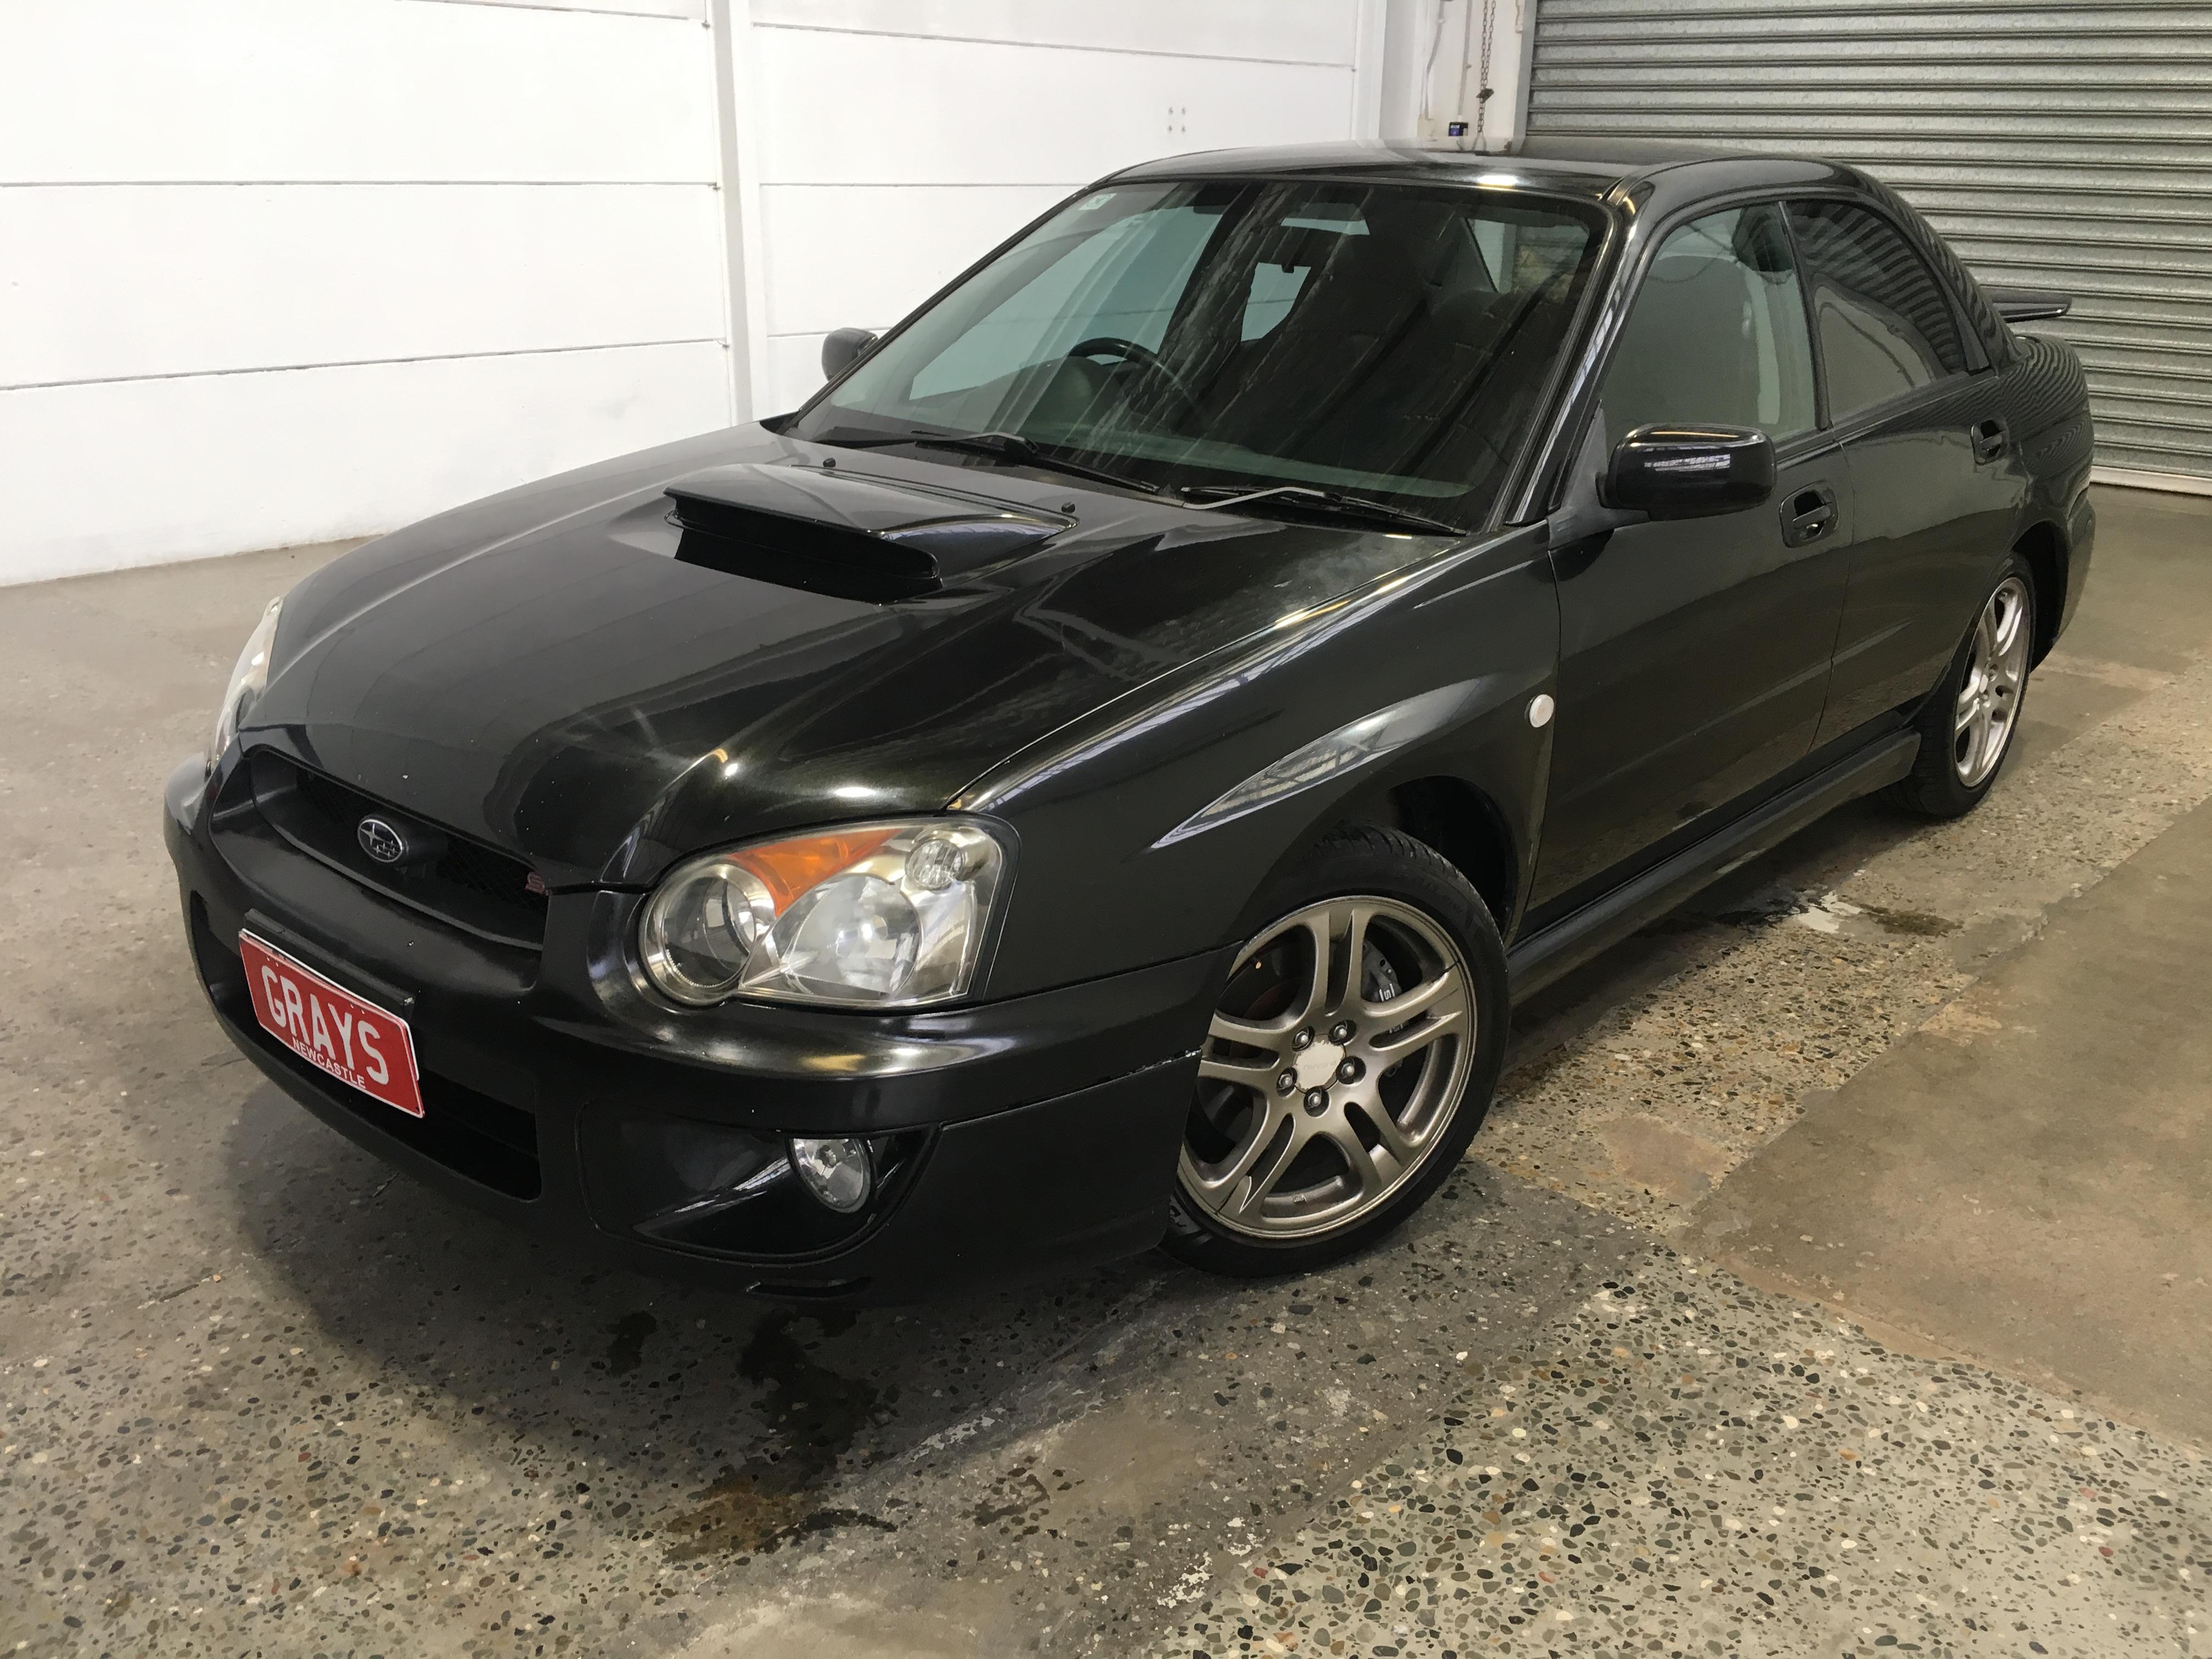 2004 Subaru Impreza WRX (AWD) G2 Manual Sedan